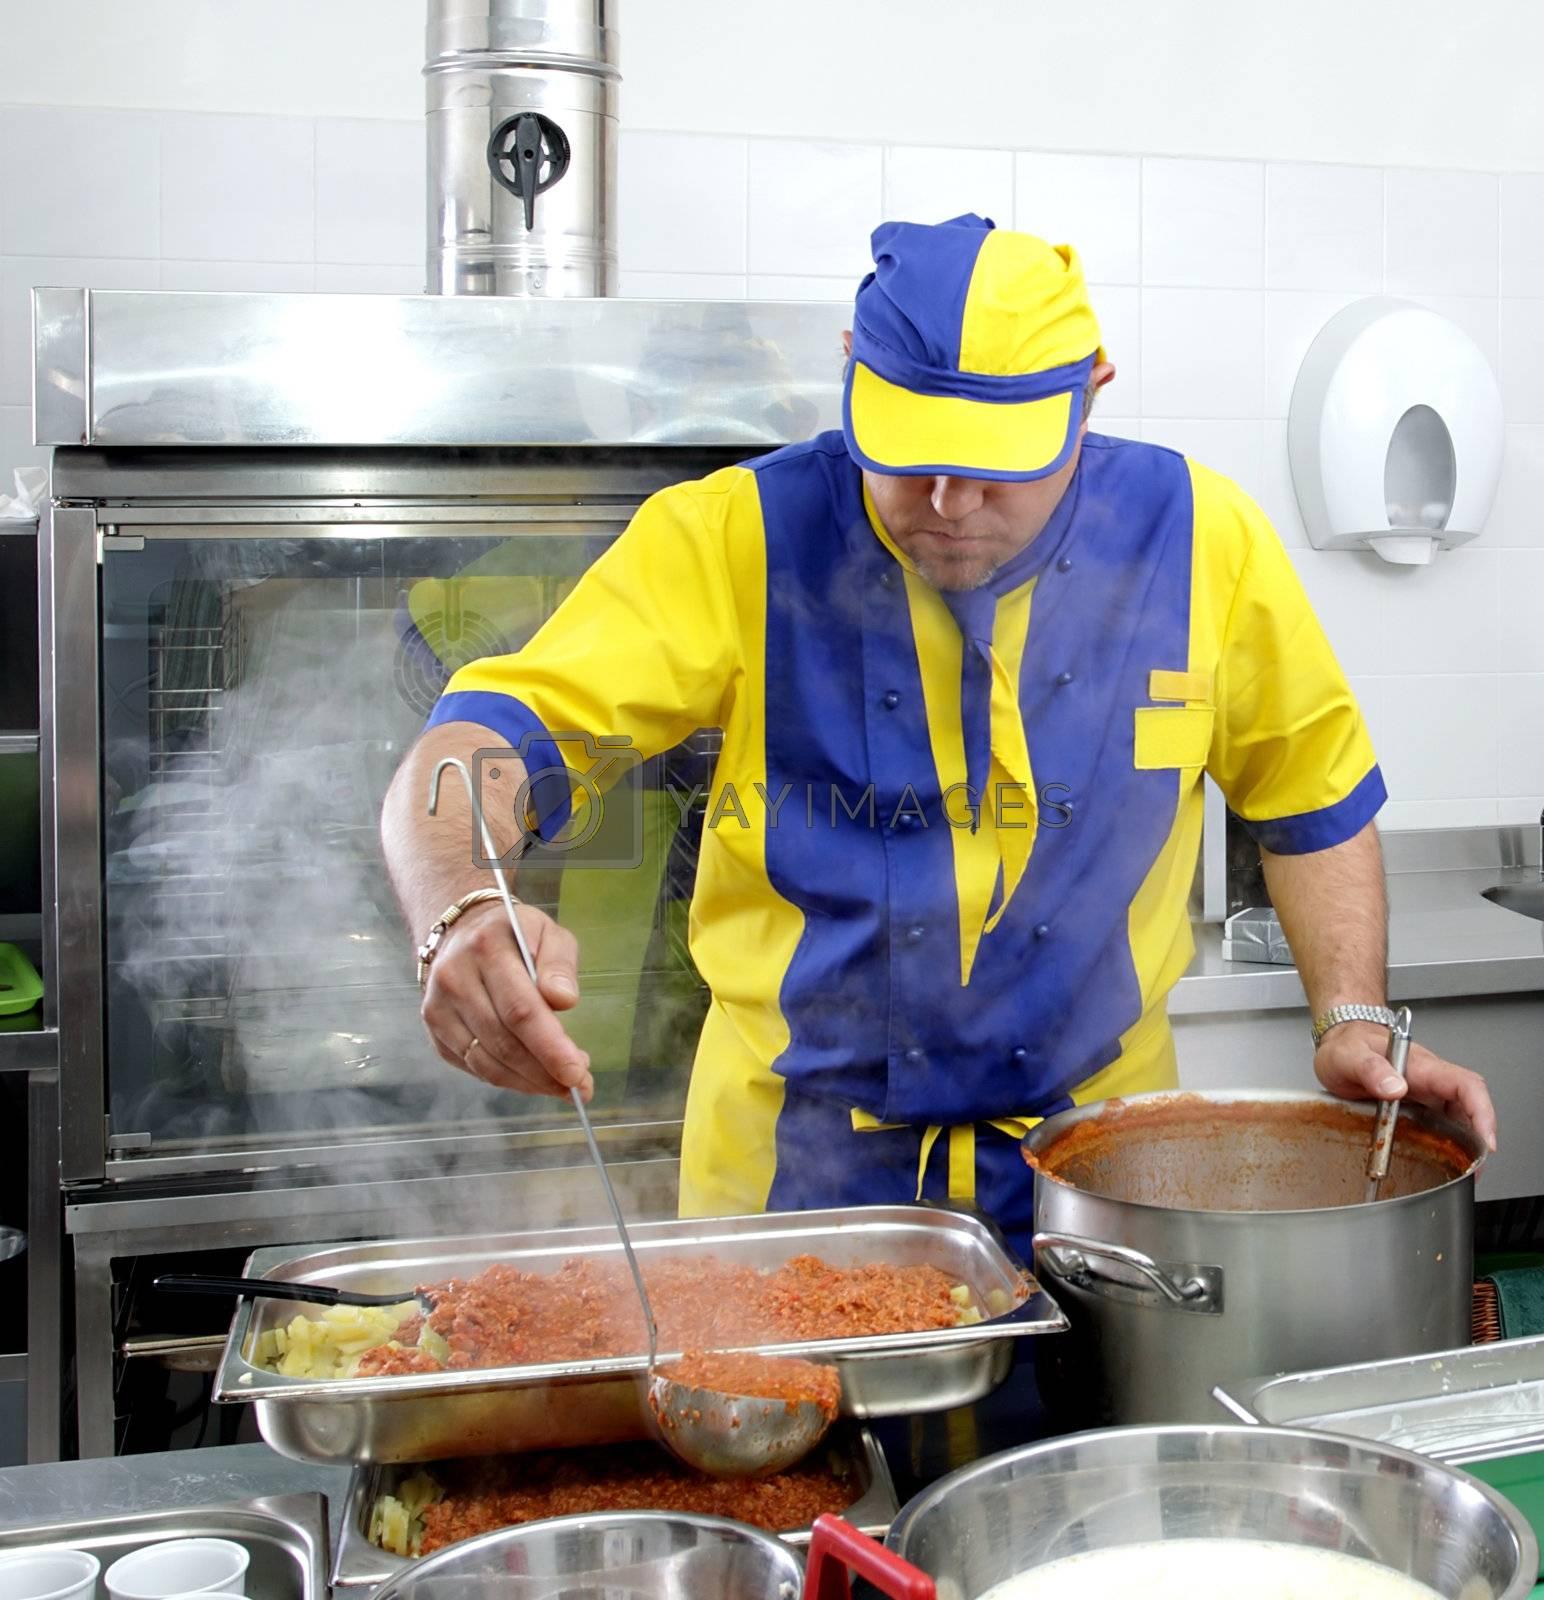 Preparing delicious meal